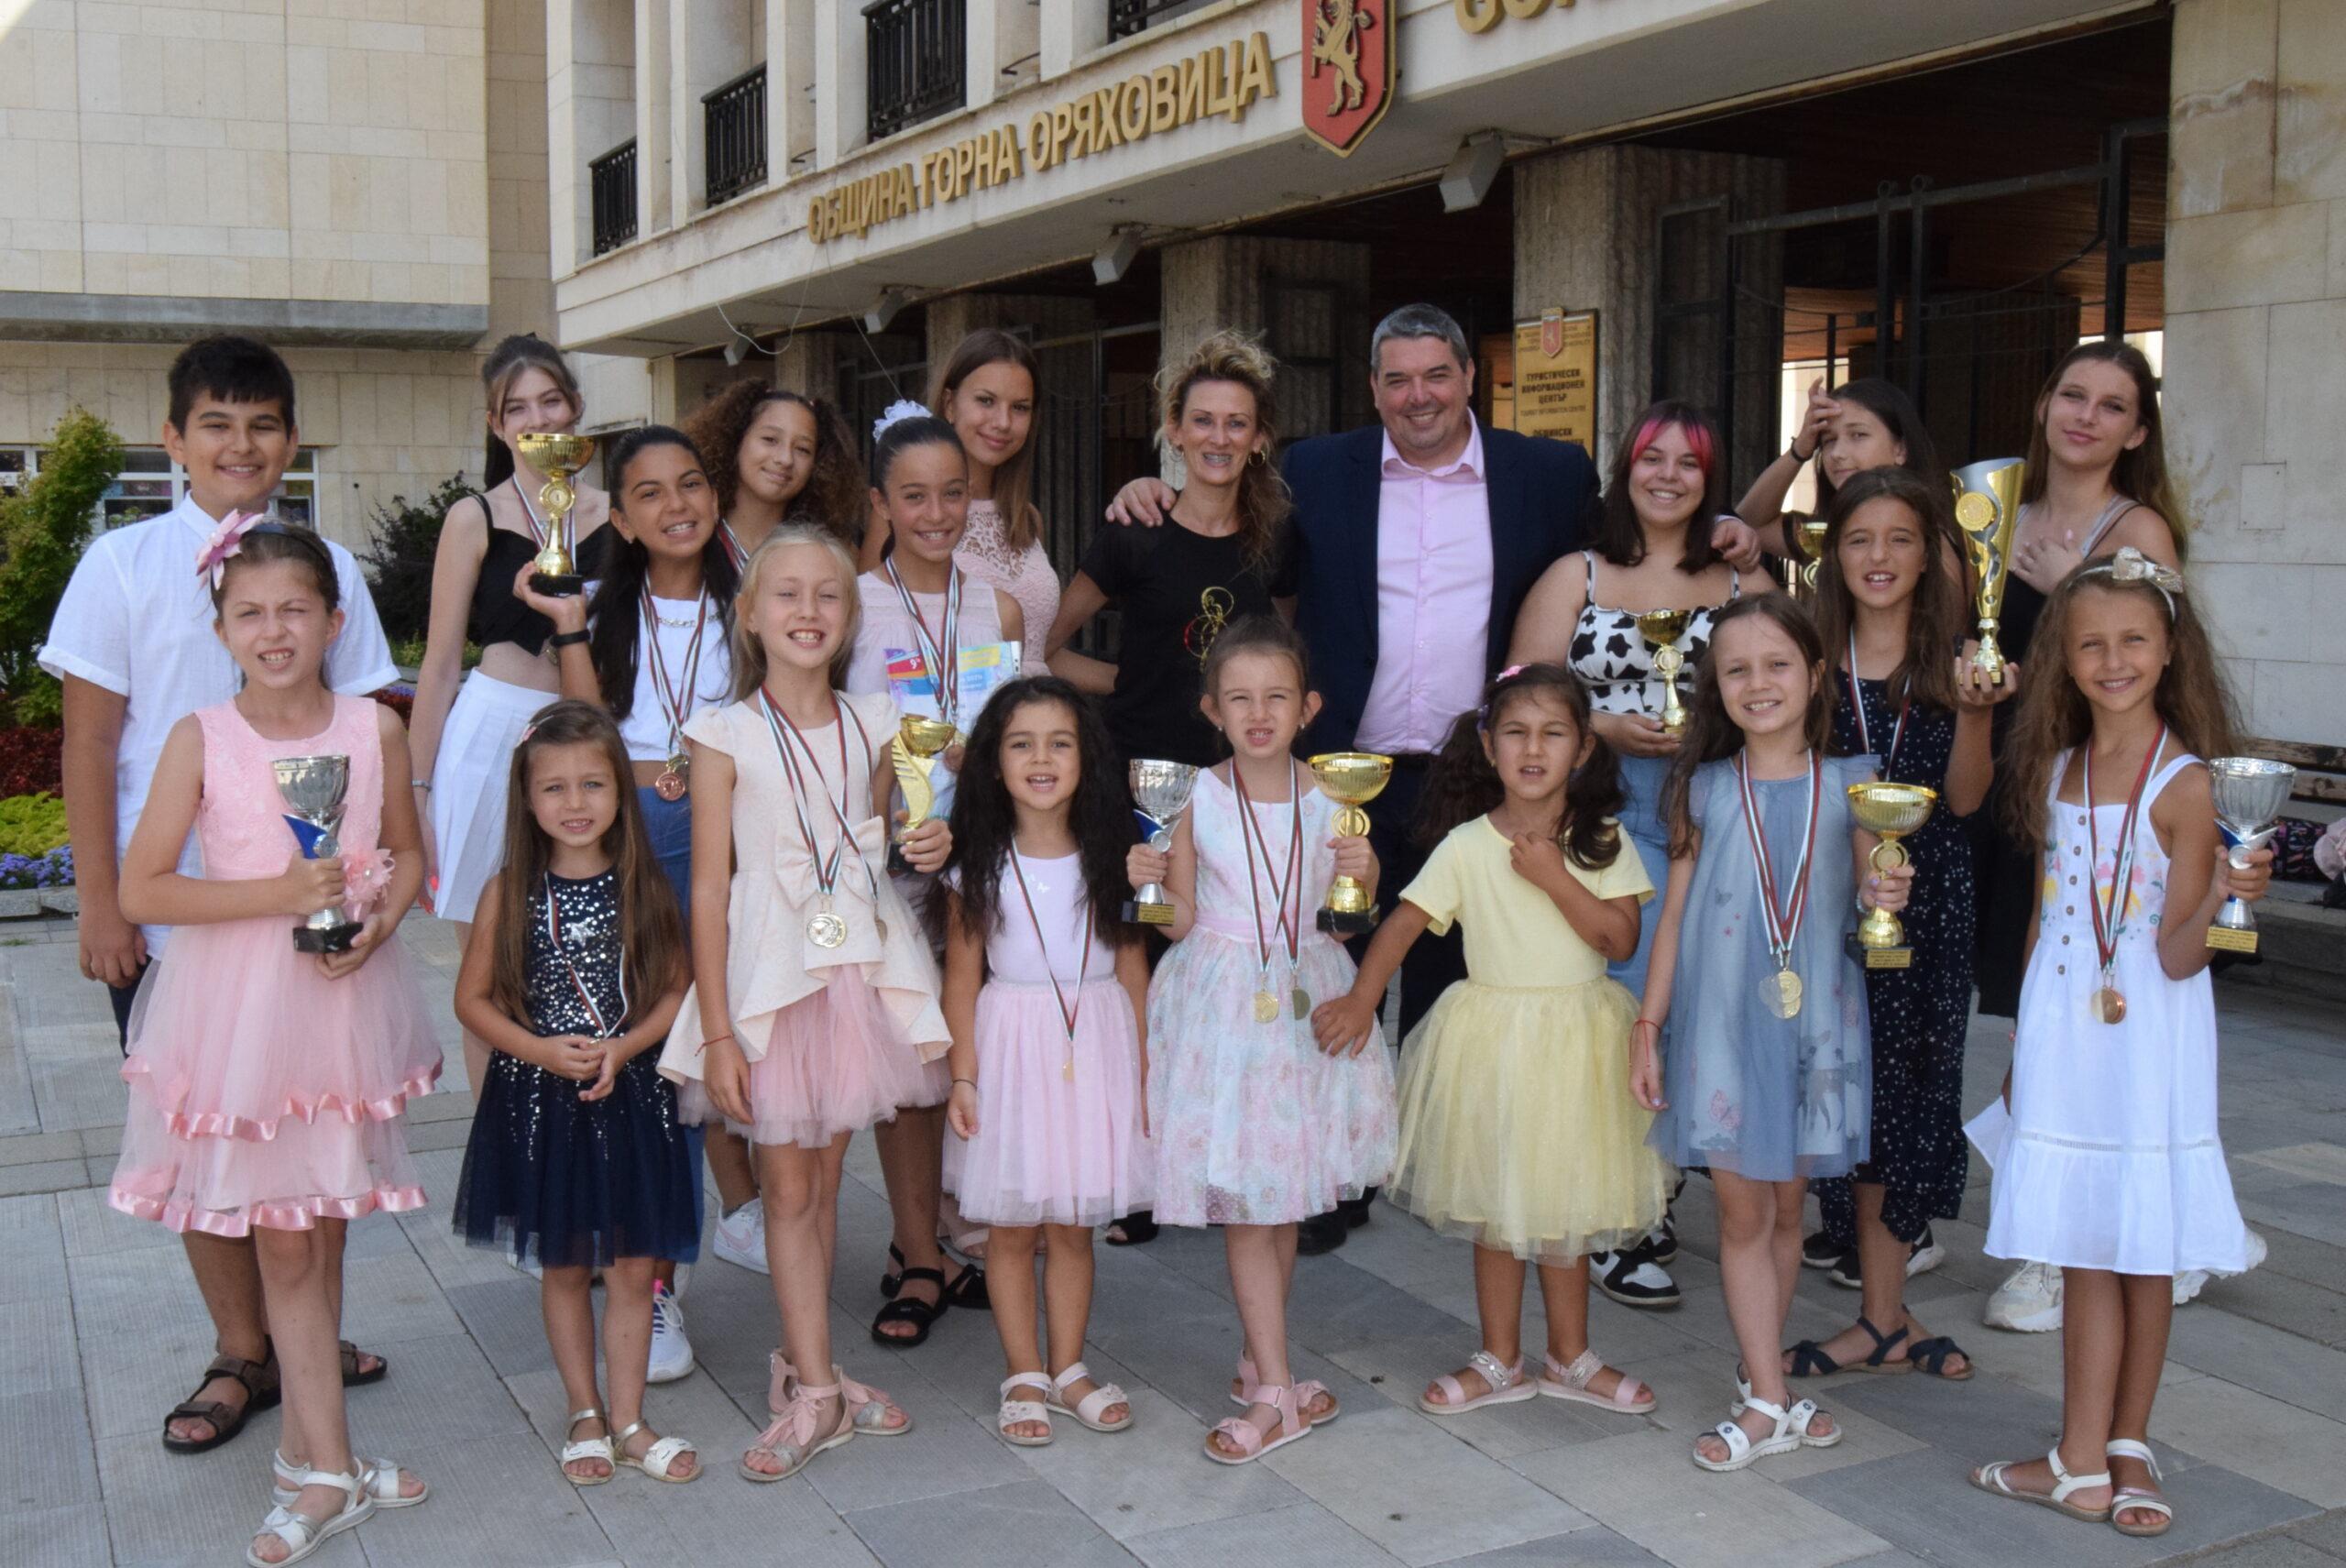 """Инж. Добромир Добрев се срещна с талантливите танцьори от Балетна школа """"Грация"""""""